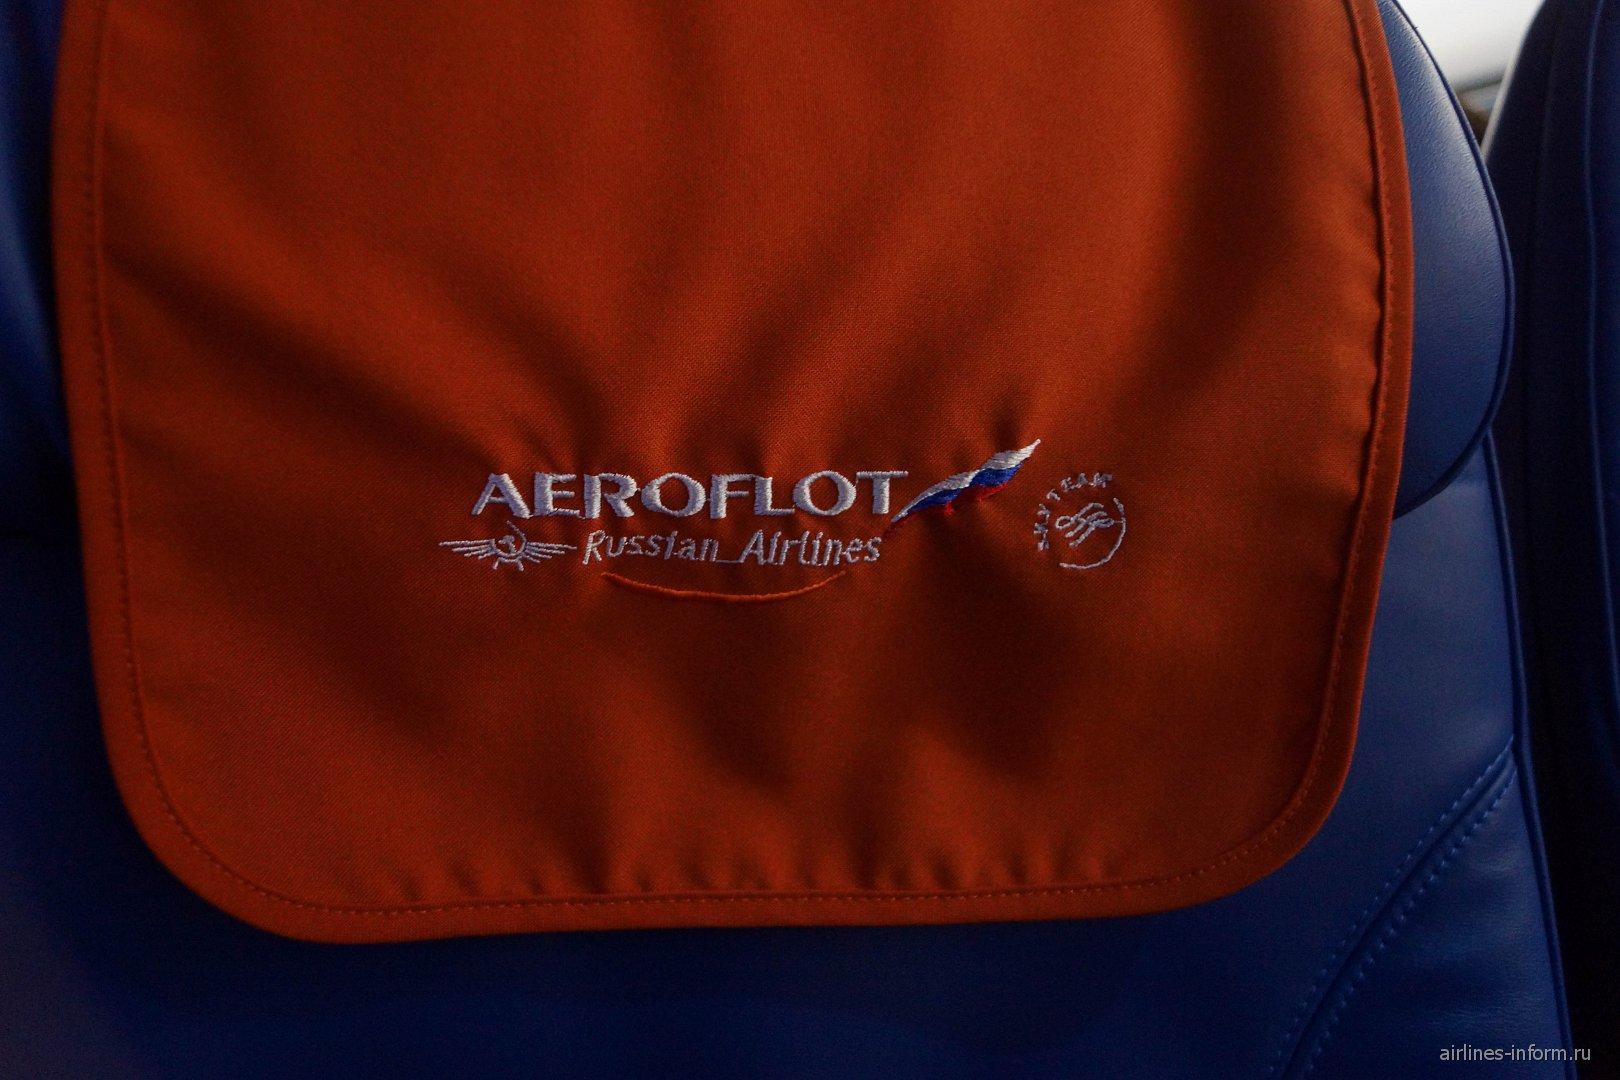 """Подголовник с логотипом авиакомпании """"Аэрофлот"""""""